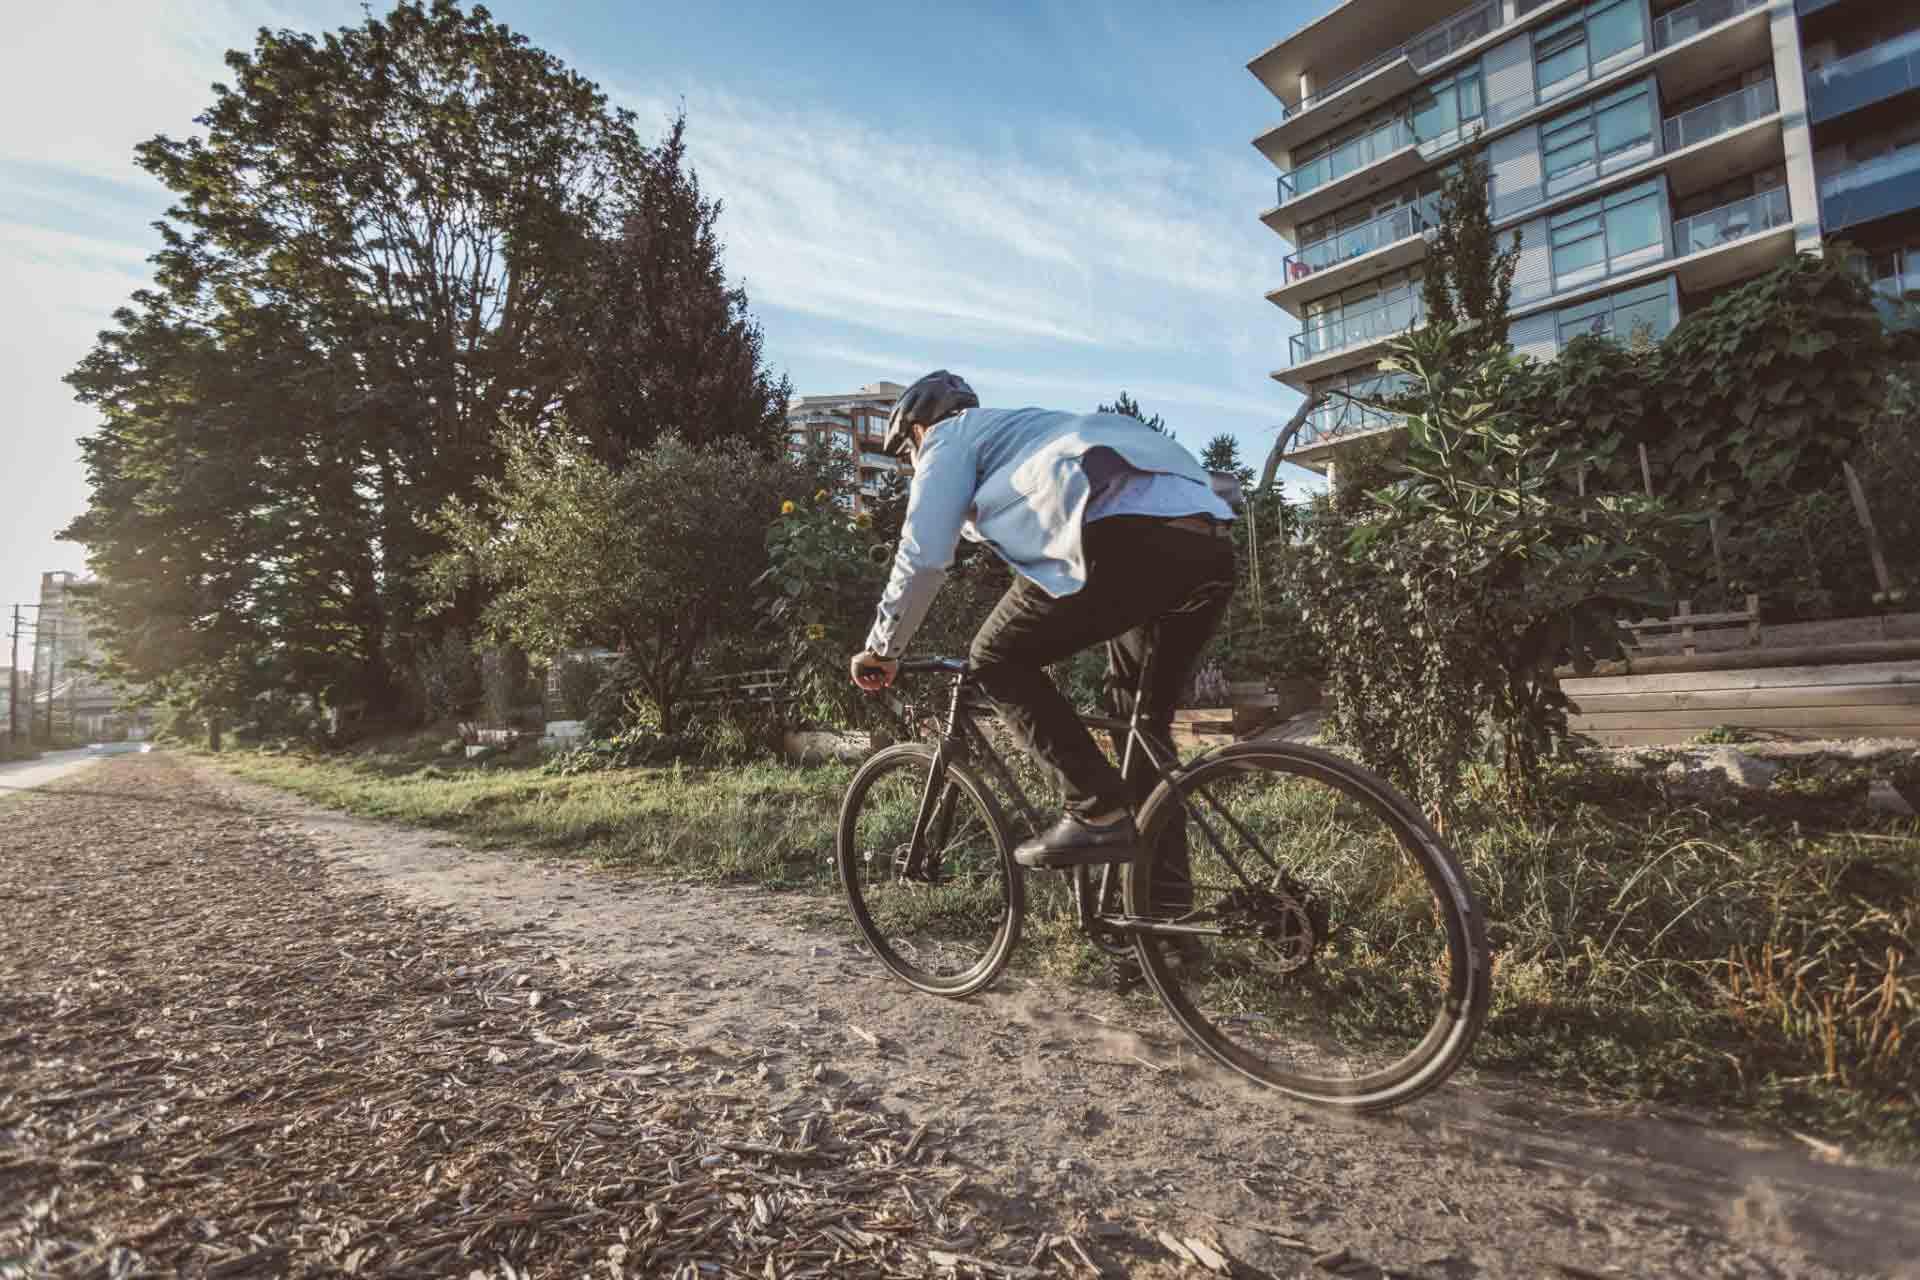 cb2-landyachtz-bikes